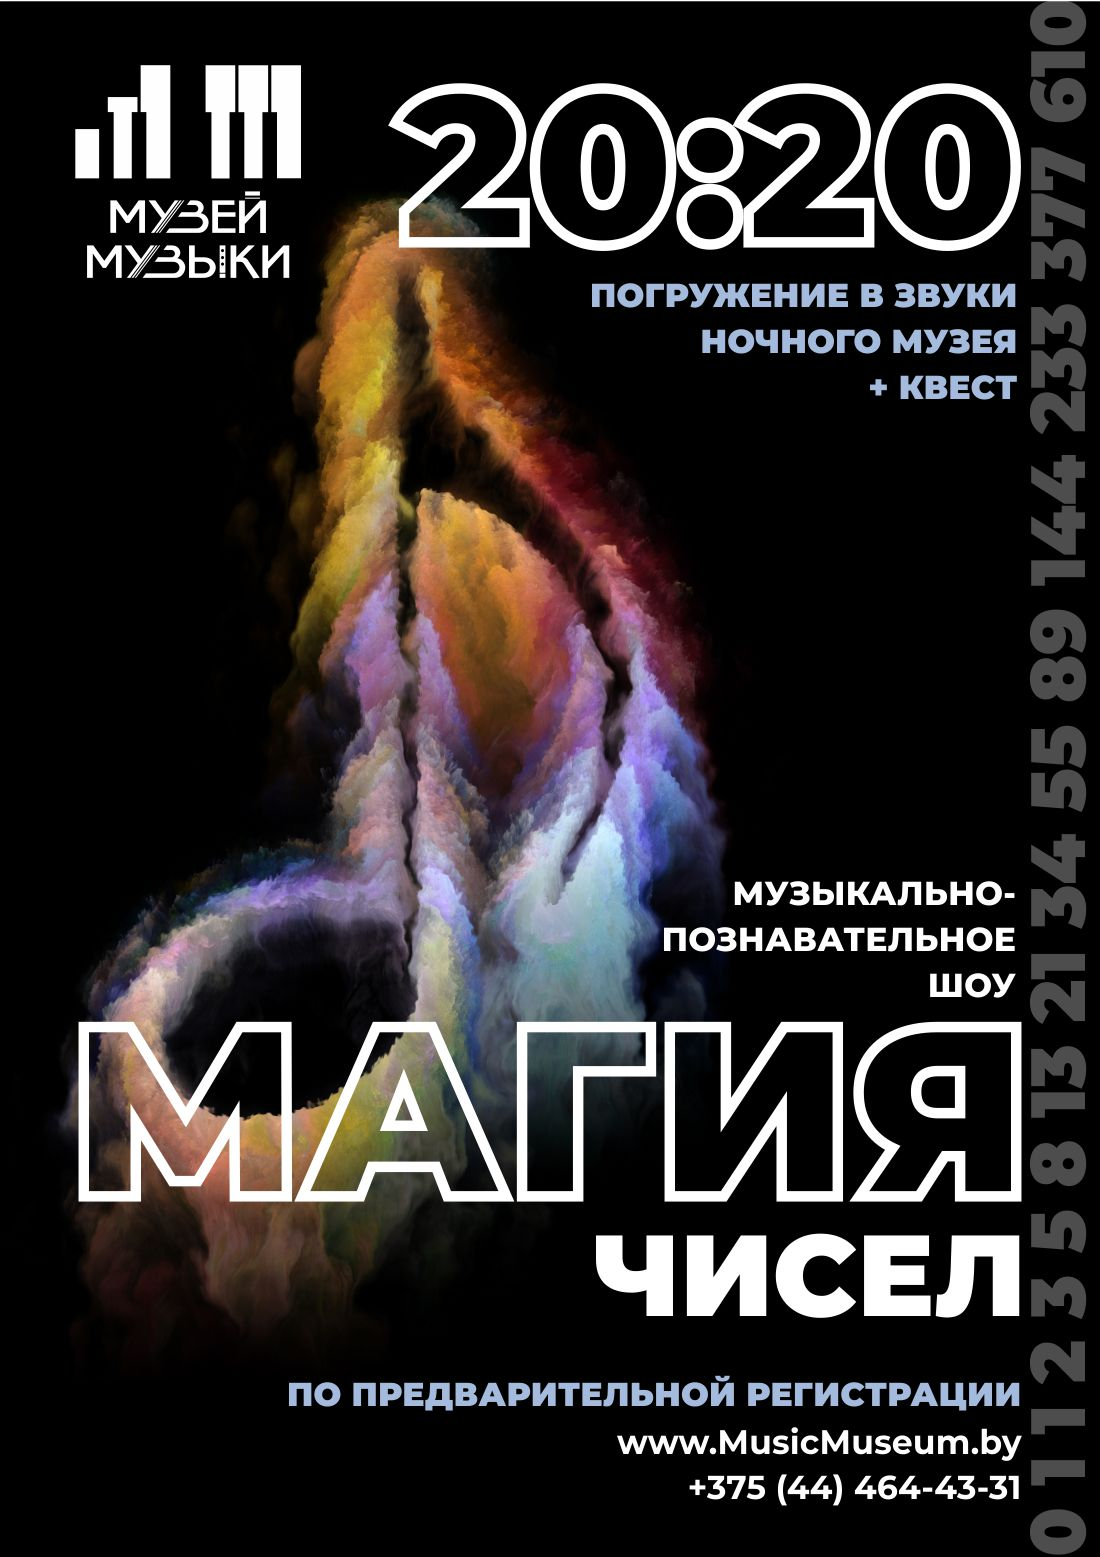 Шоу программа Магия чисел @ Интерактивный Музей Музыки